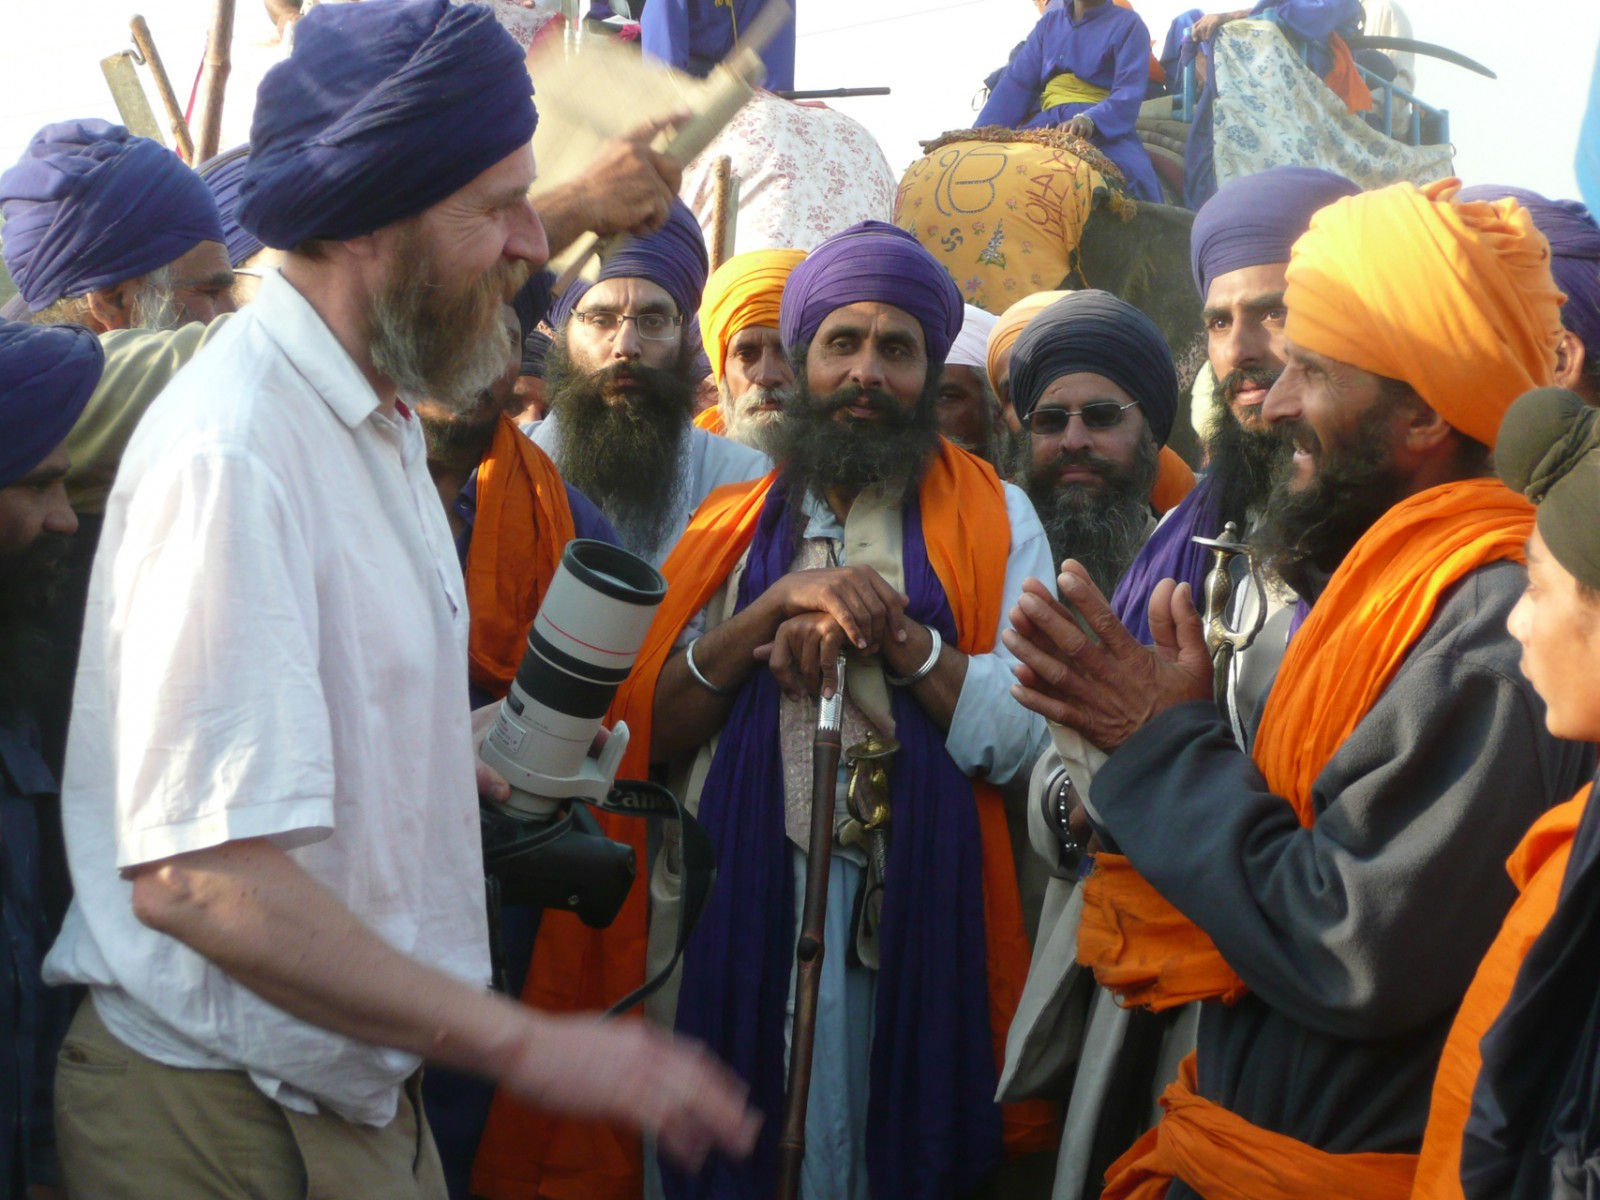 Meeting and Greeting at Hola Mohalla in Anandpur Sahib, Punjab